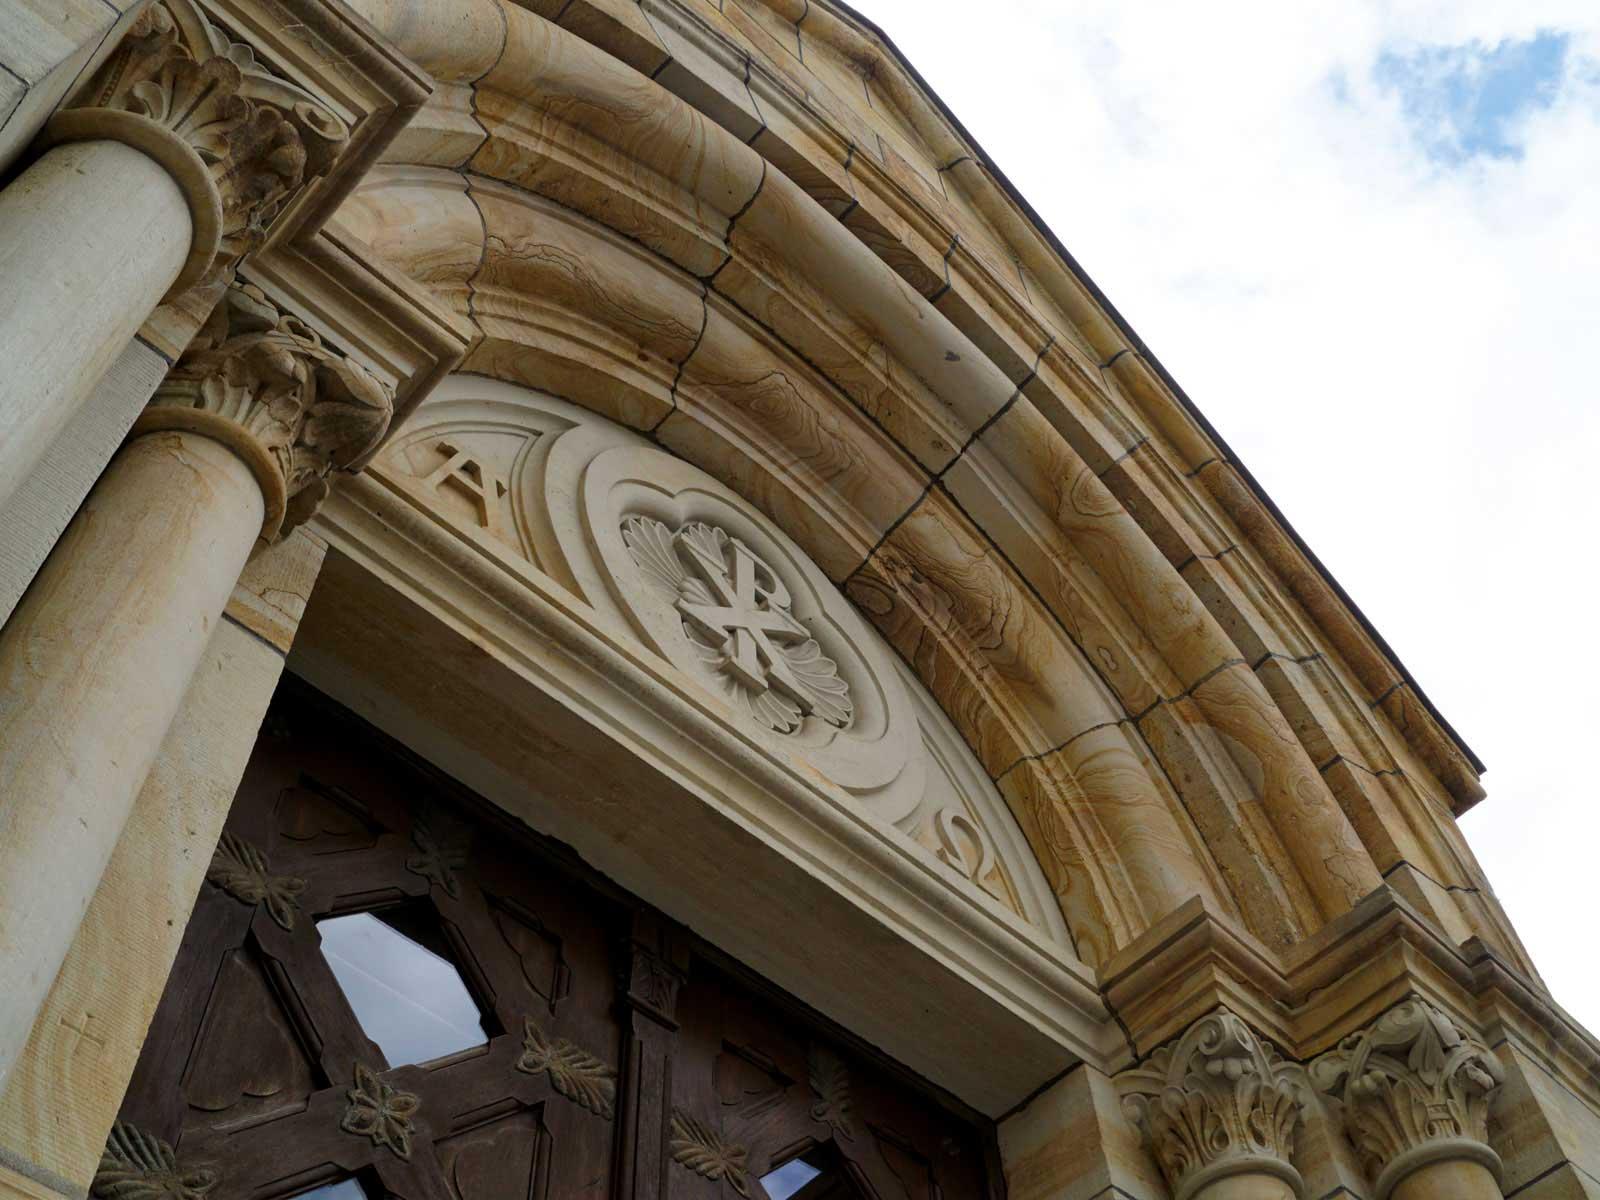 Seniorenzentrum-Bruder-Konrad-Stift-Mutterhauskirche-Marienschwestern-Eingangsportal